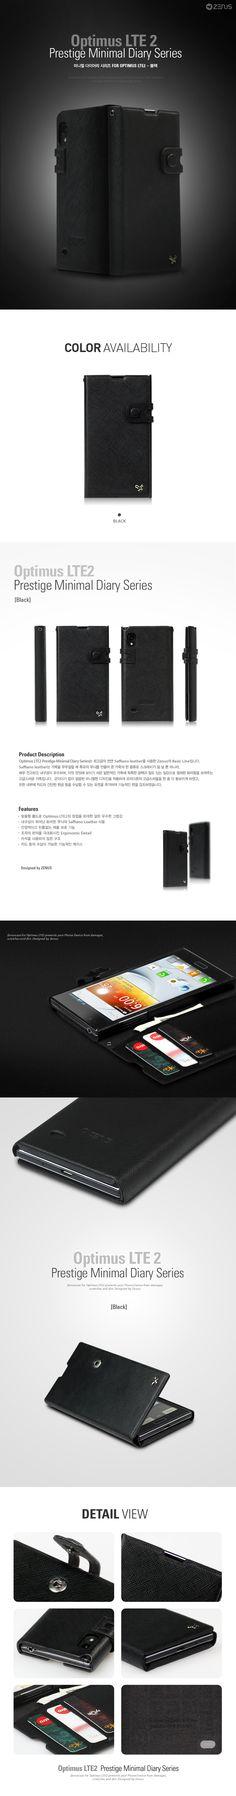 제누스-스마트폰/태블릿 케이스 전문 브랜드